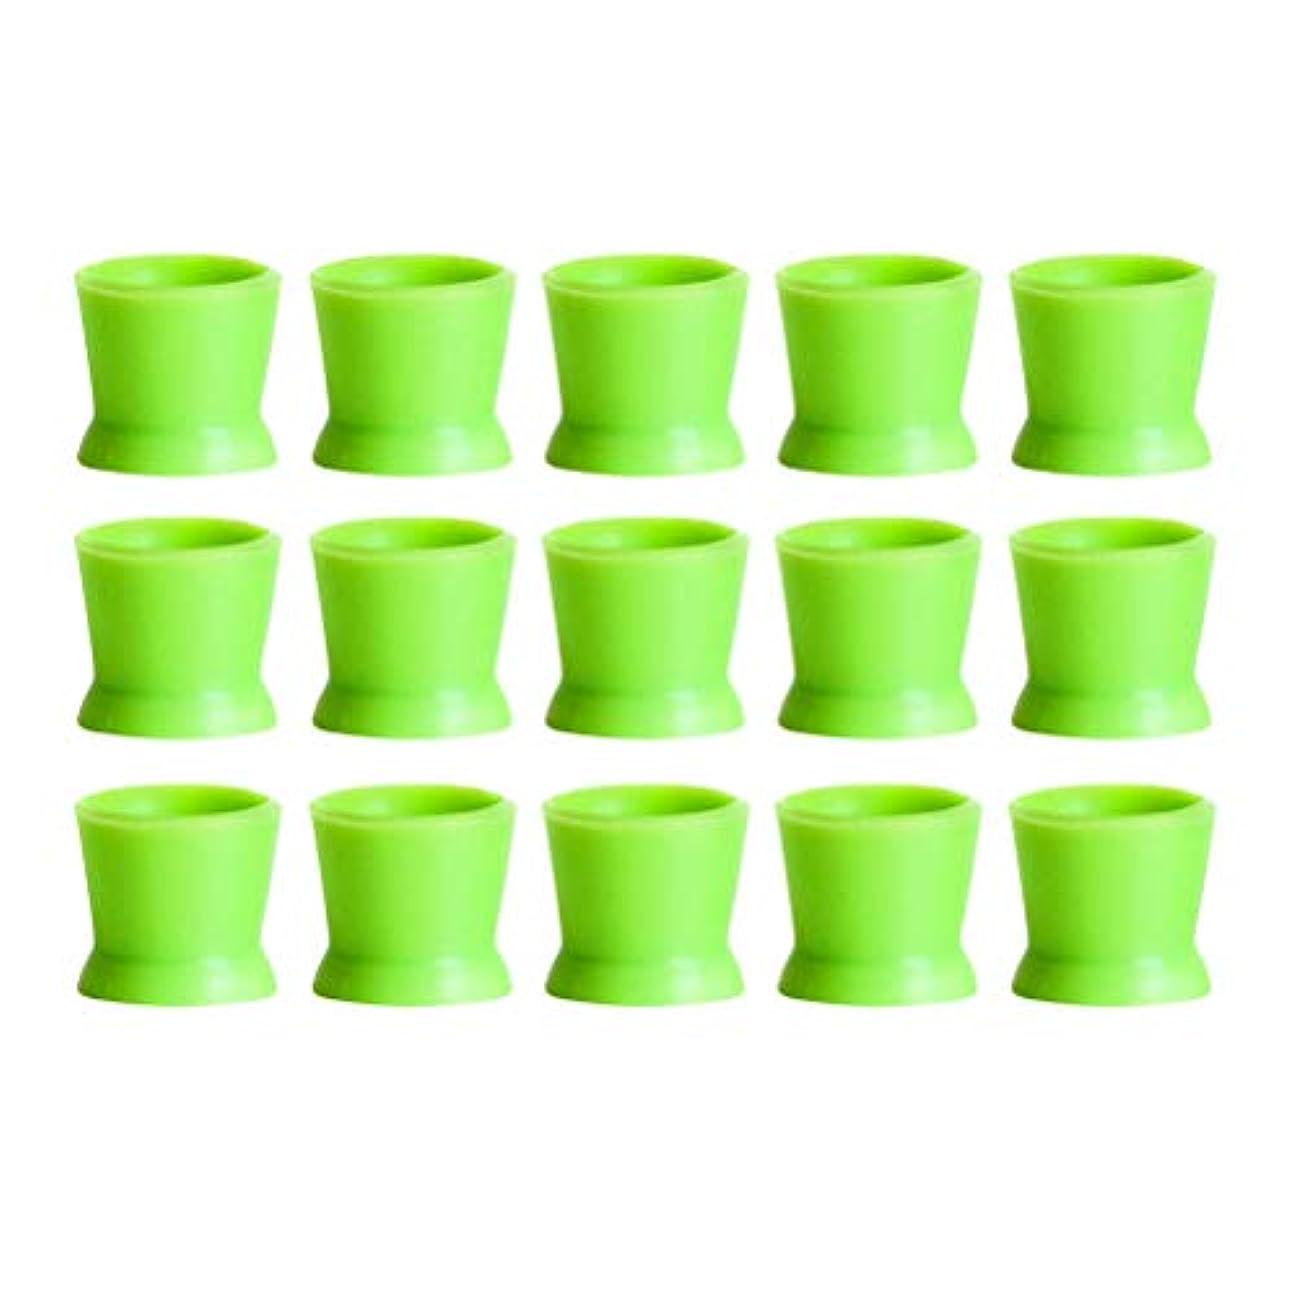 ジャンプ発行秘書Healifty 300PCSシリコンタトゥーインクカップ使い捨てマイクロブレーディングピグメントキャップホルダーコンテナ永久的なまつげメイクアップアイブロー(グリーン)